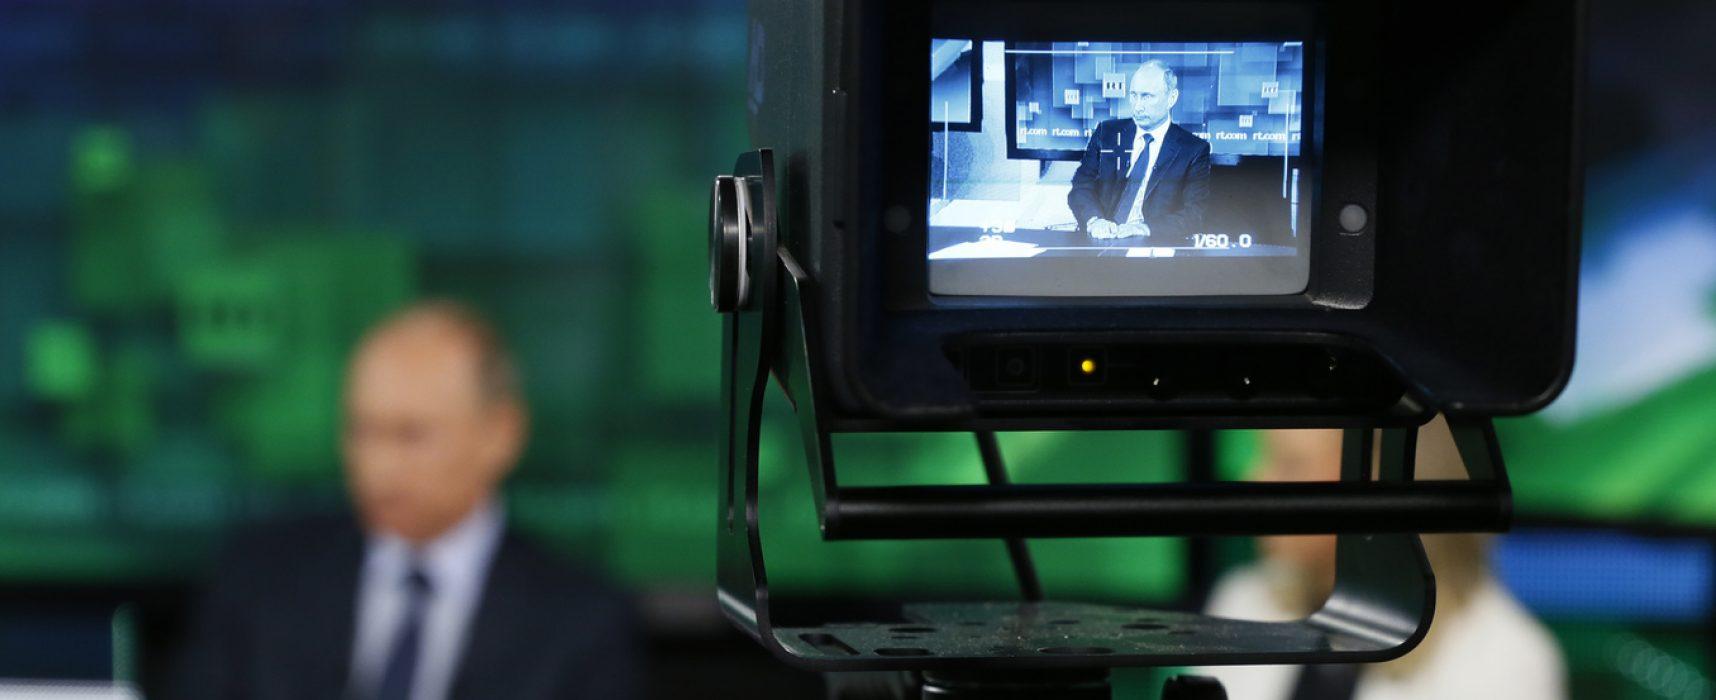 Hrozba dezinformačních aktivit získává pozornost EU